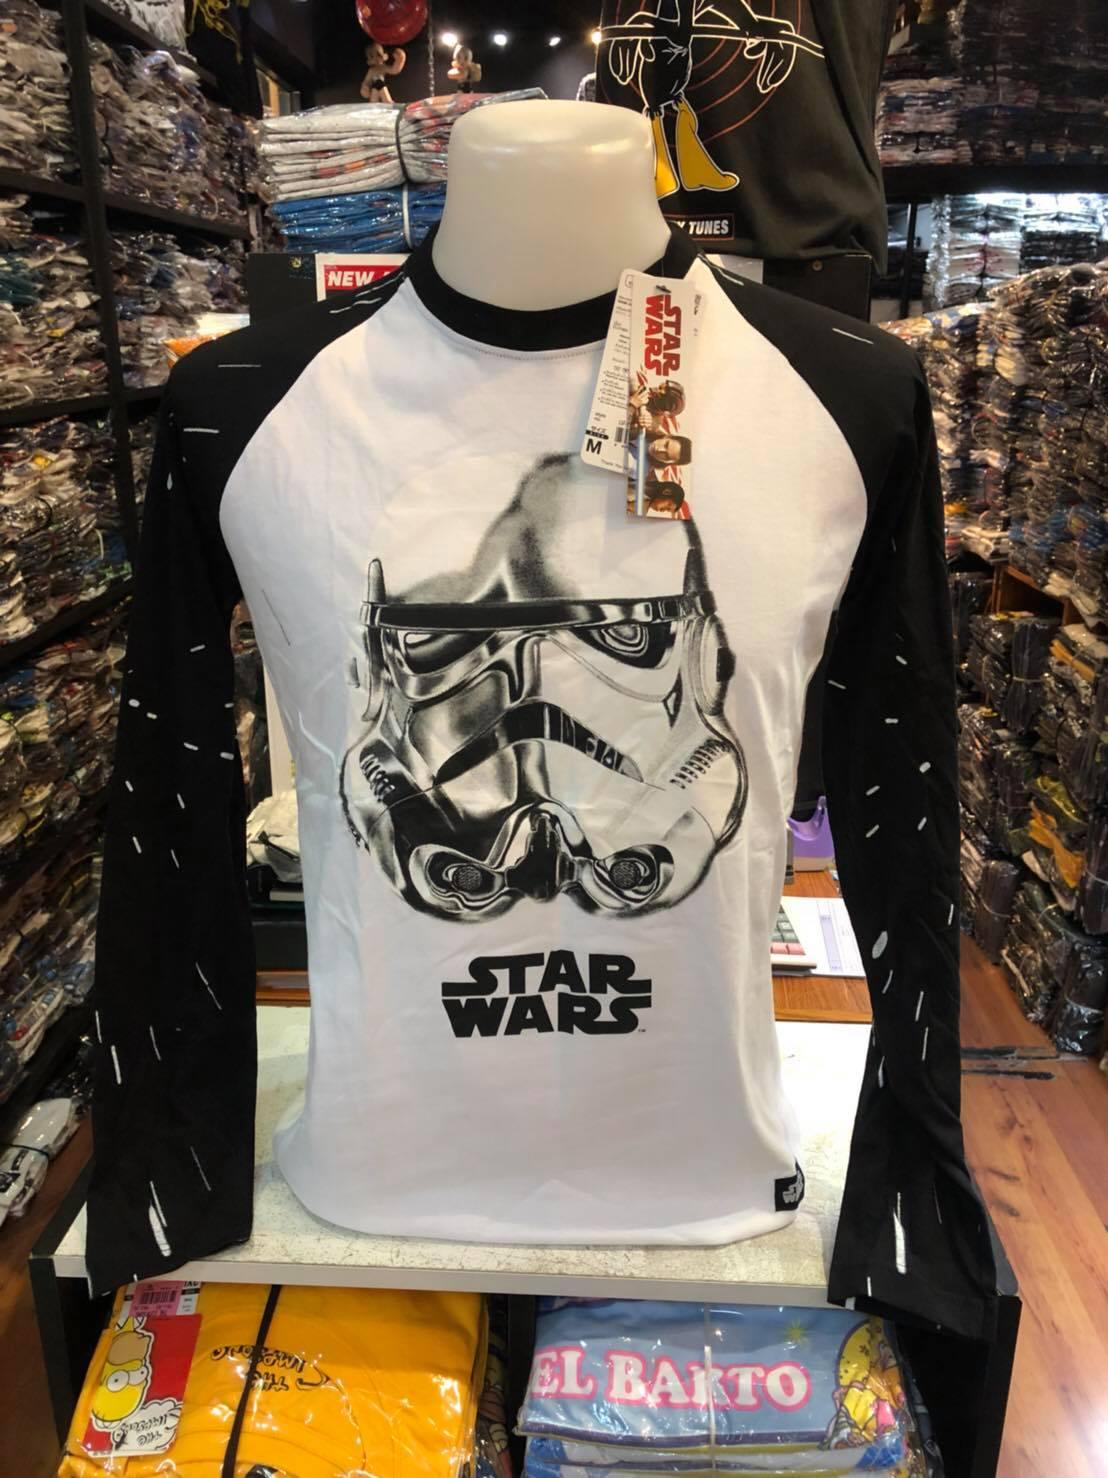 สตาร์วอร์ แขนยาว (LS-Storm Trooper White arm black)